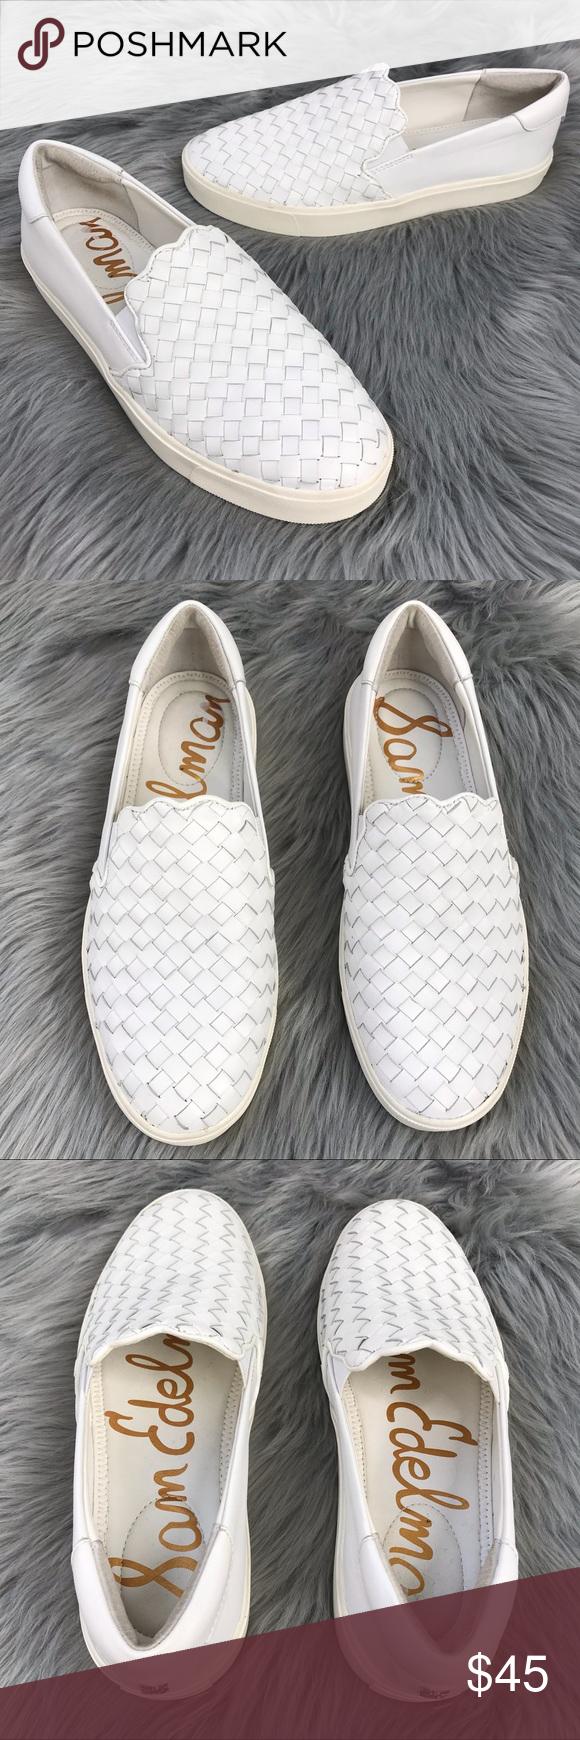 Sam Edelman Eda Woven Leather Sneakers